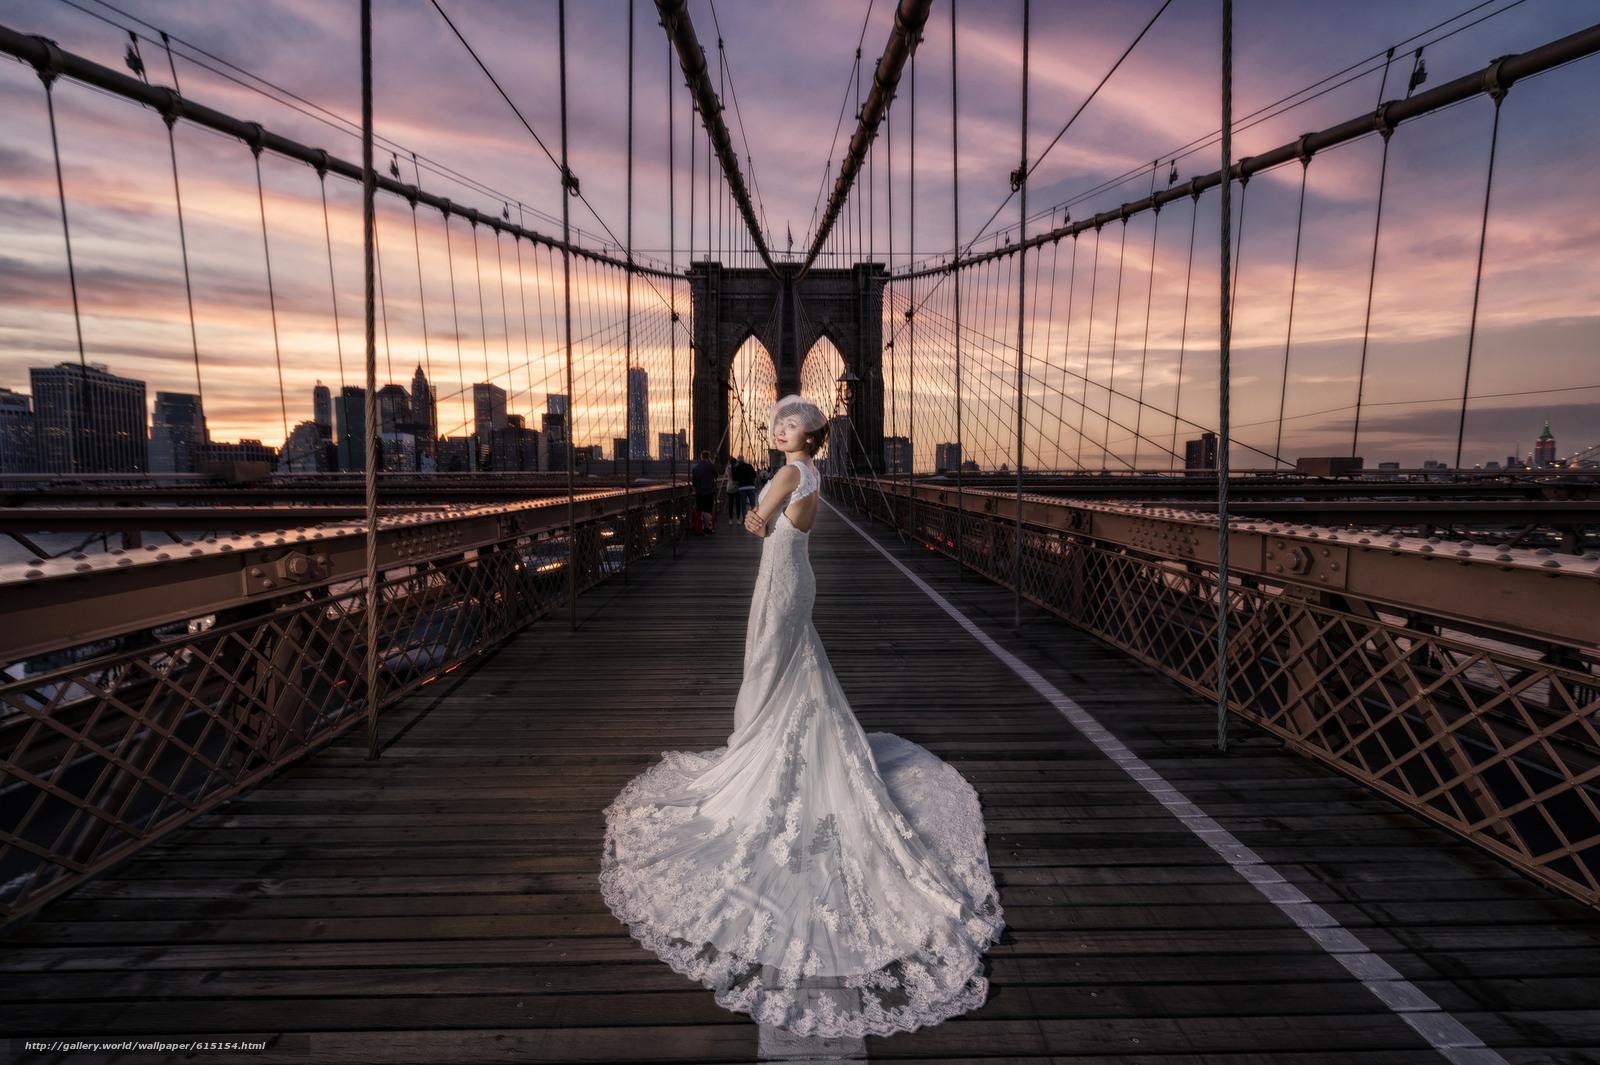 Скачать обои Brooklyn Bridge,  New York City,  Бруклинский мост,  Нью-Йорк бесплатно для рабочего стола в разрешении 2048x1363 — картинка №615154